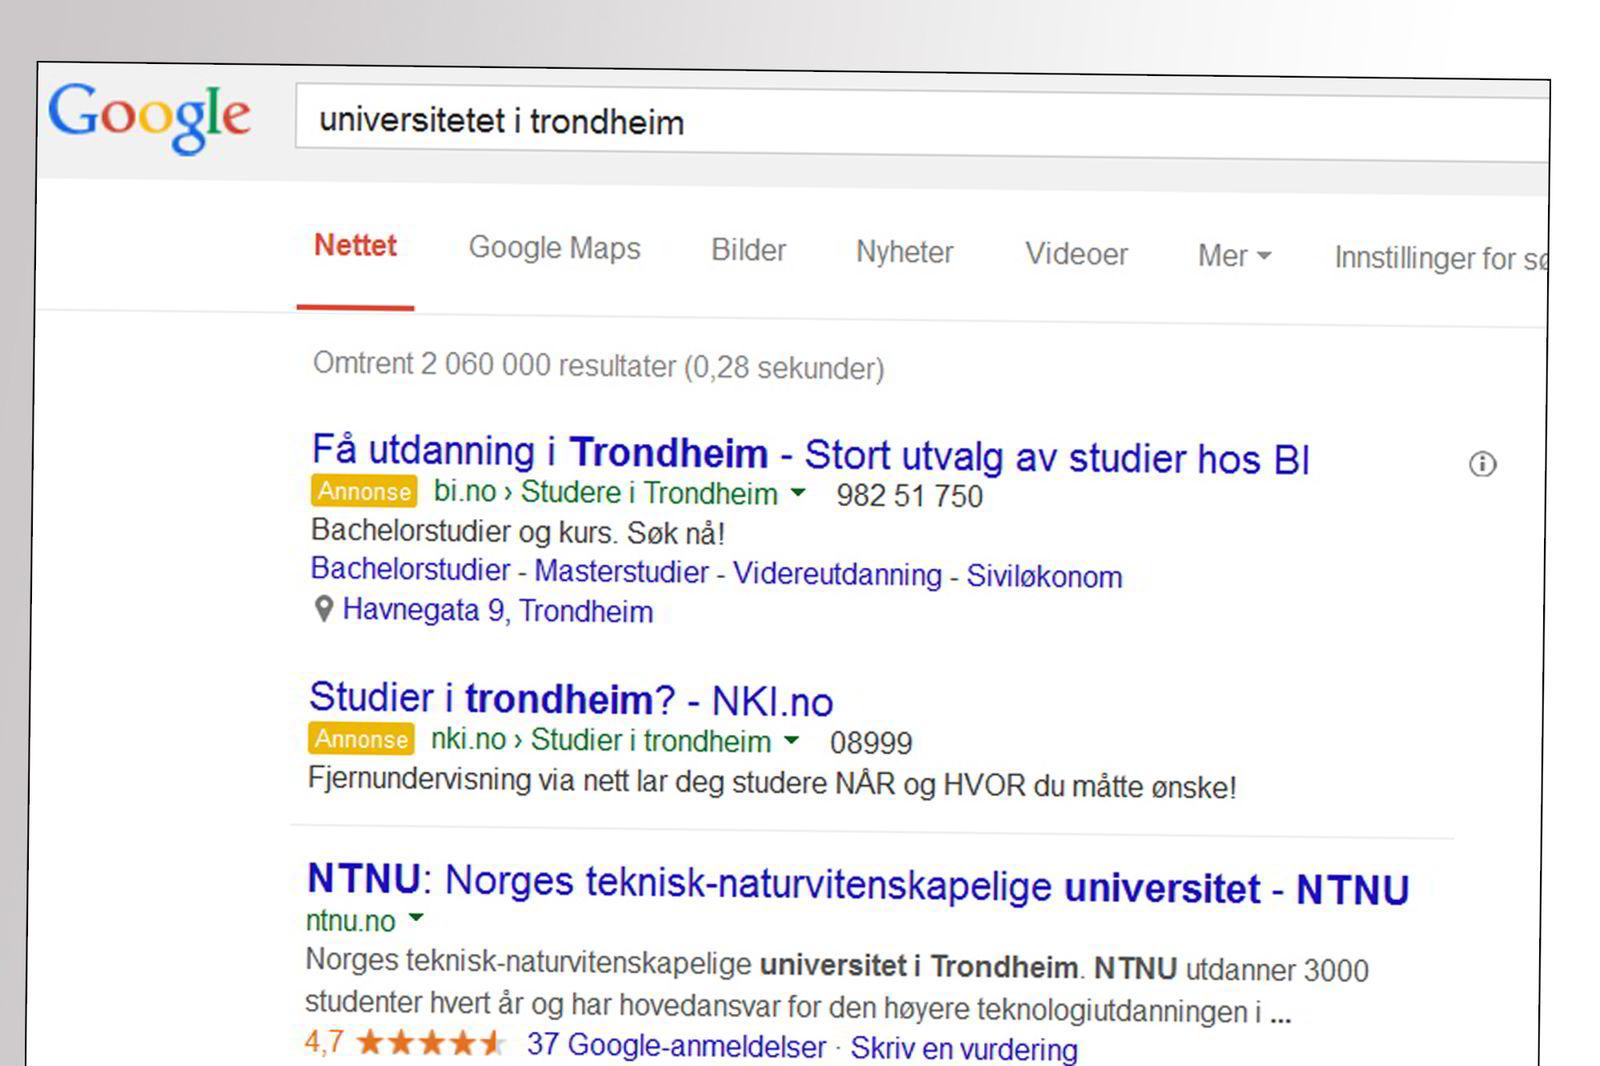 UNIVERSITETET I TRONDHEIM. Er kuppet av BI og NKI Nettstudier, som har kjøpt søkeord på Google.